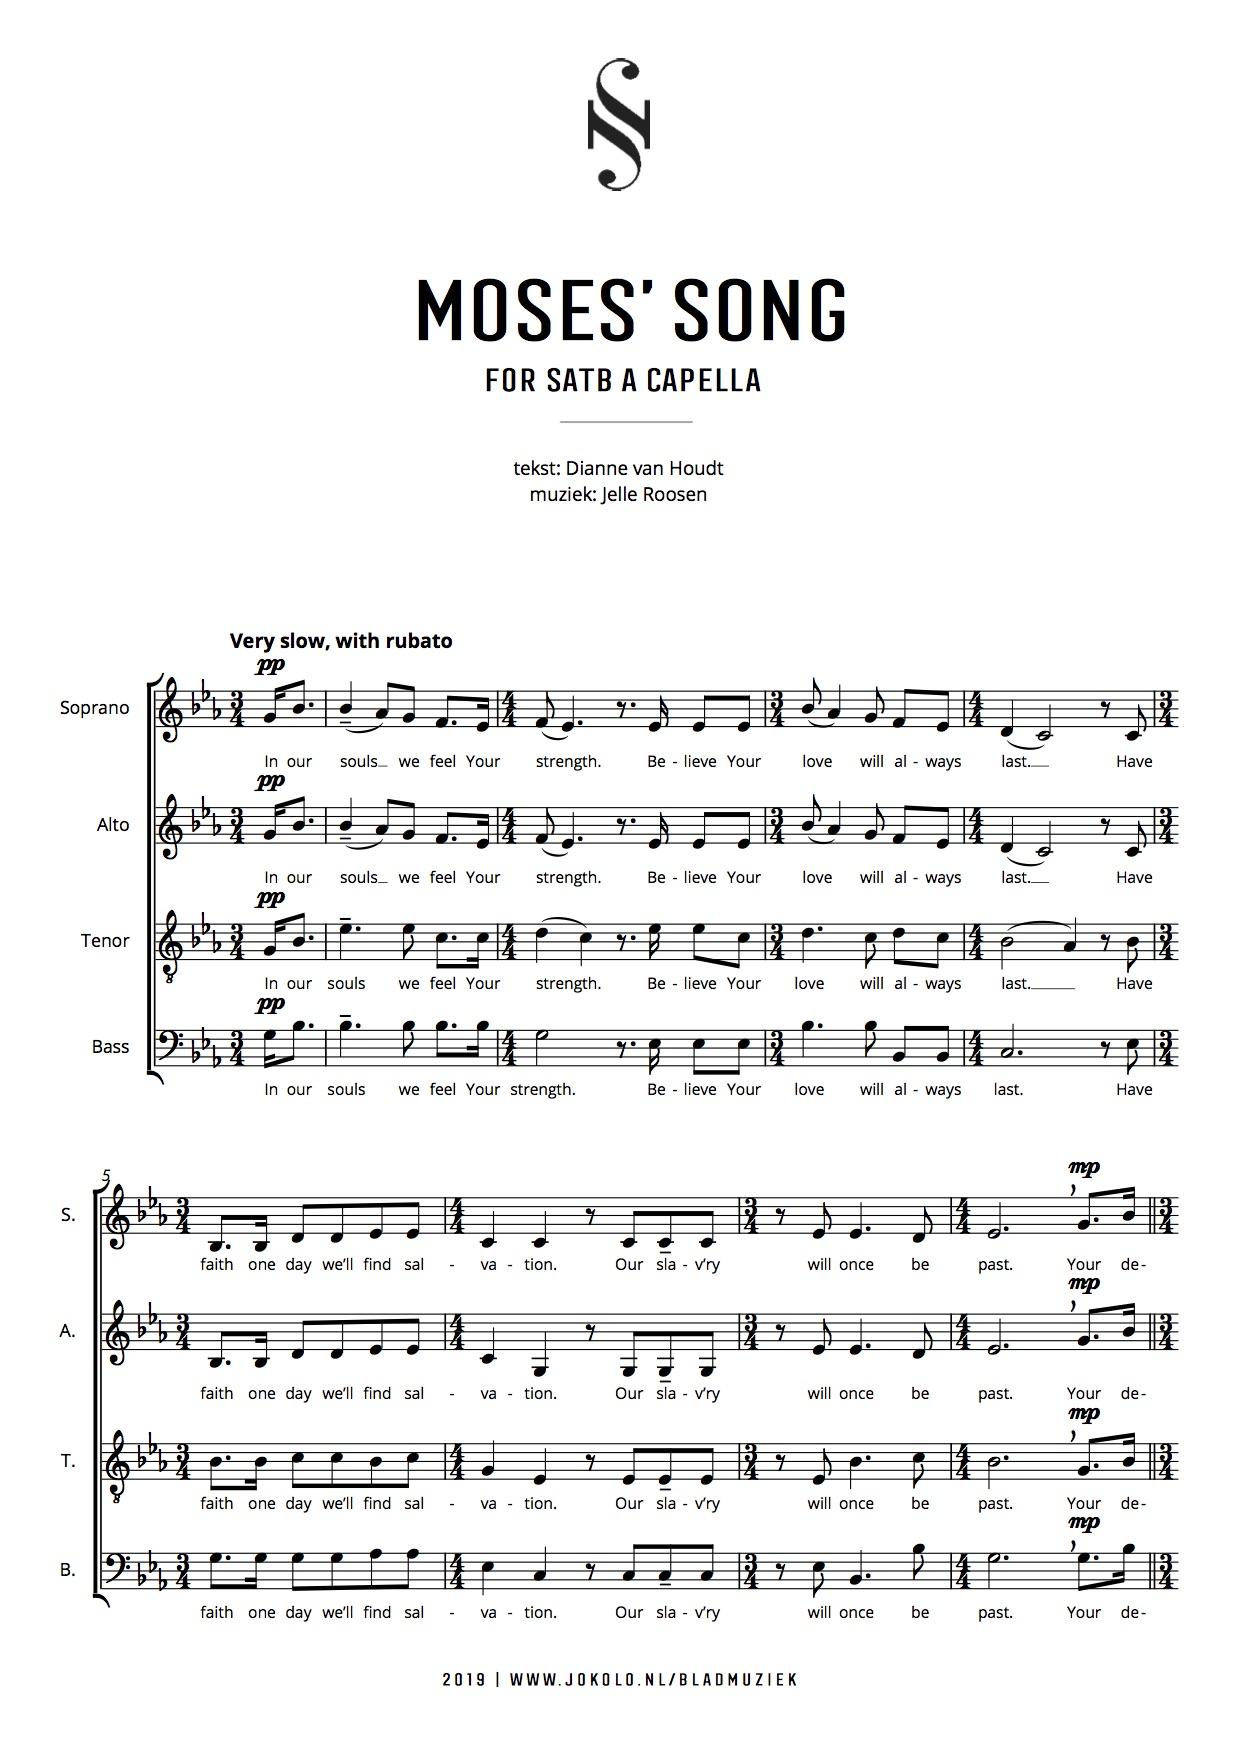 Jokolo - Moses' Song, Jelle Roosen - Dianne van Houdt